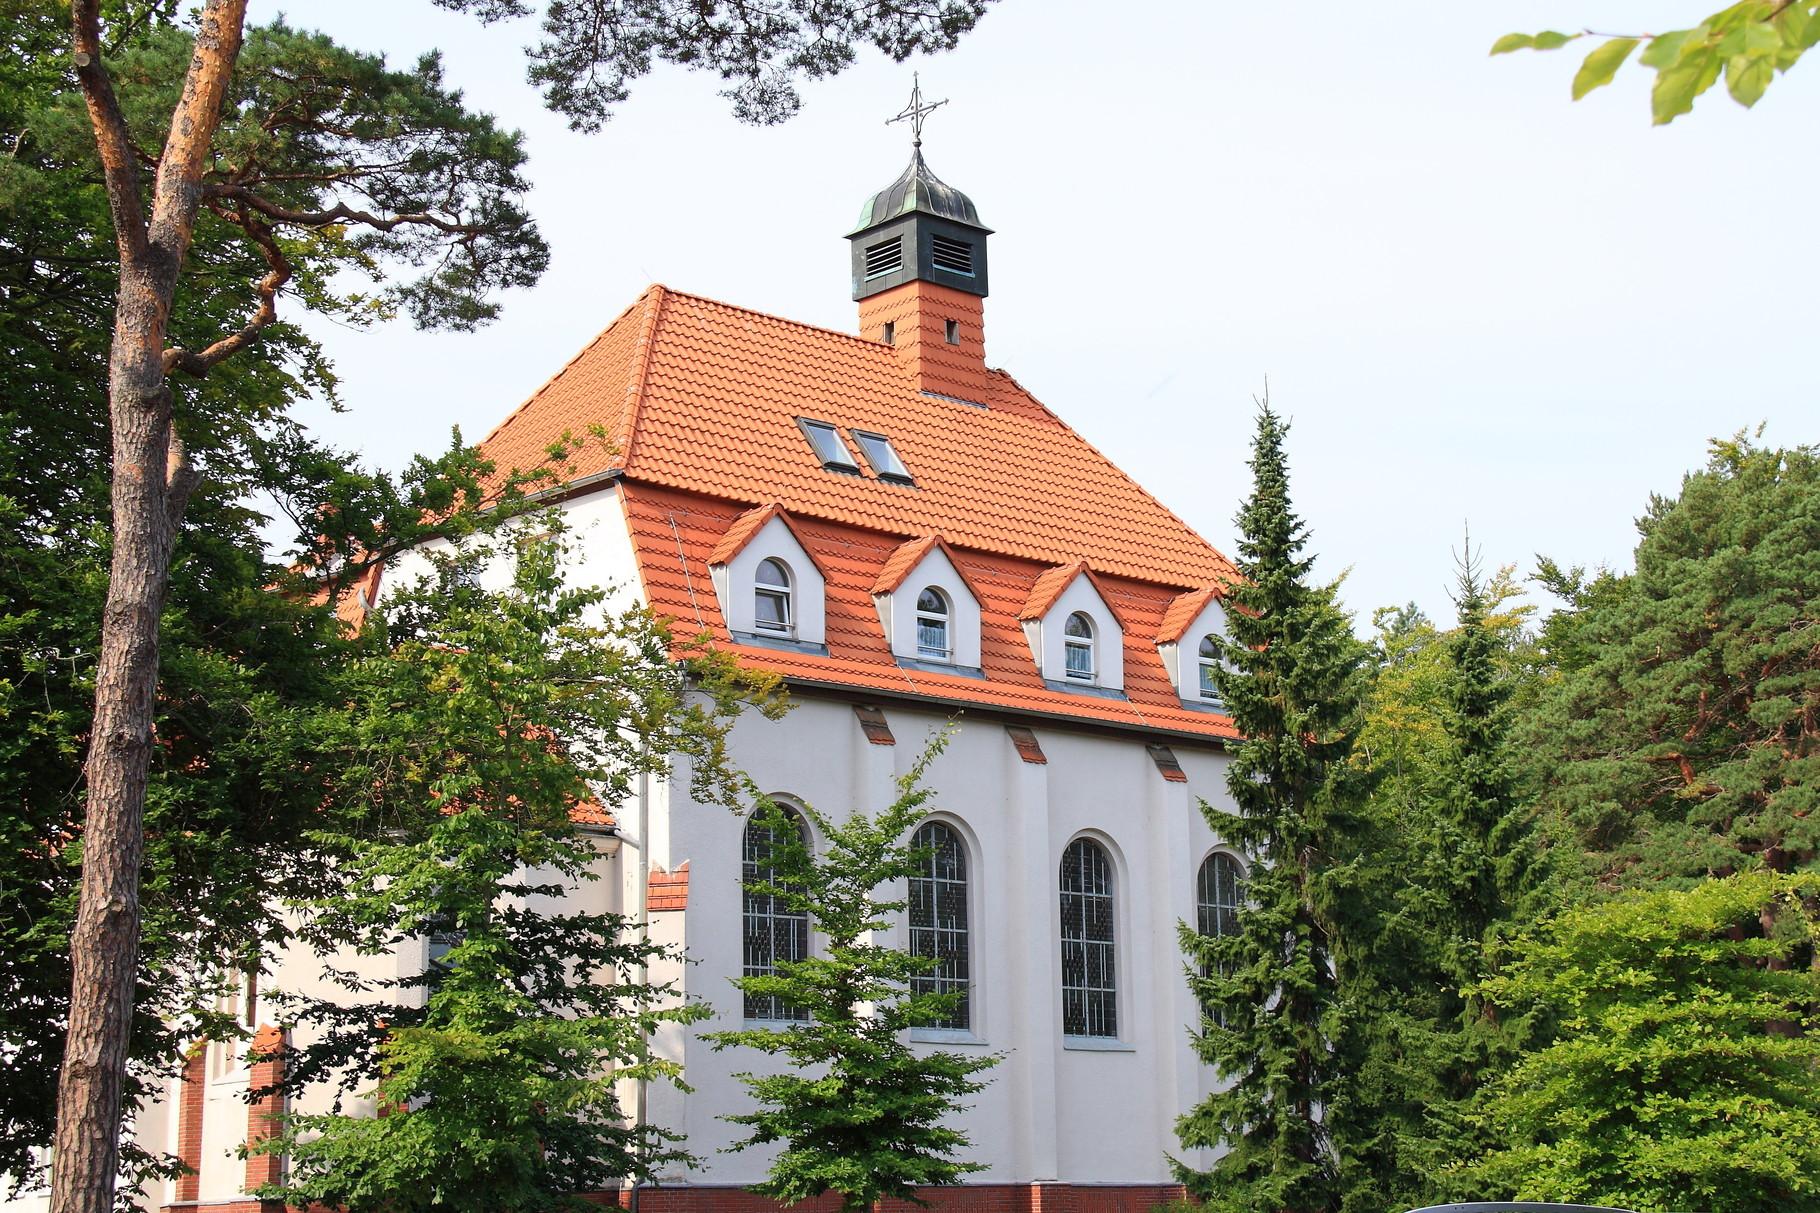 Ostseebad Zinnowitz, Wochentagskapelle